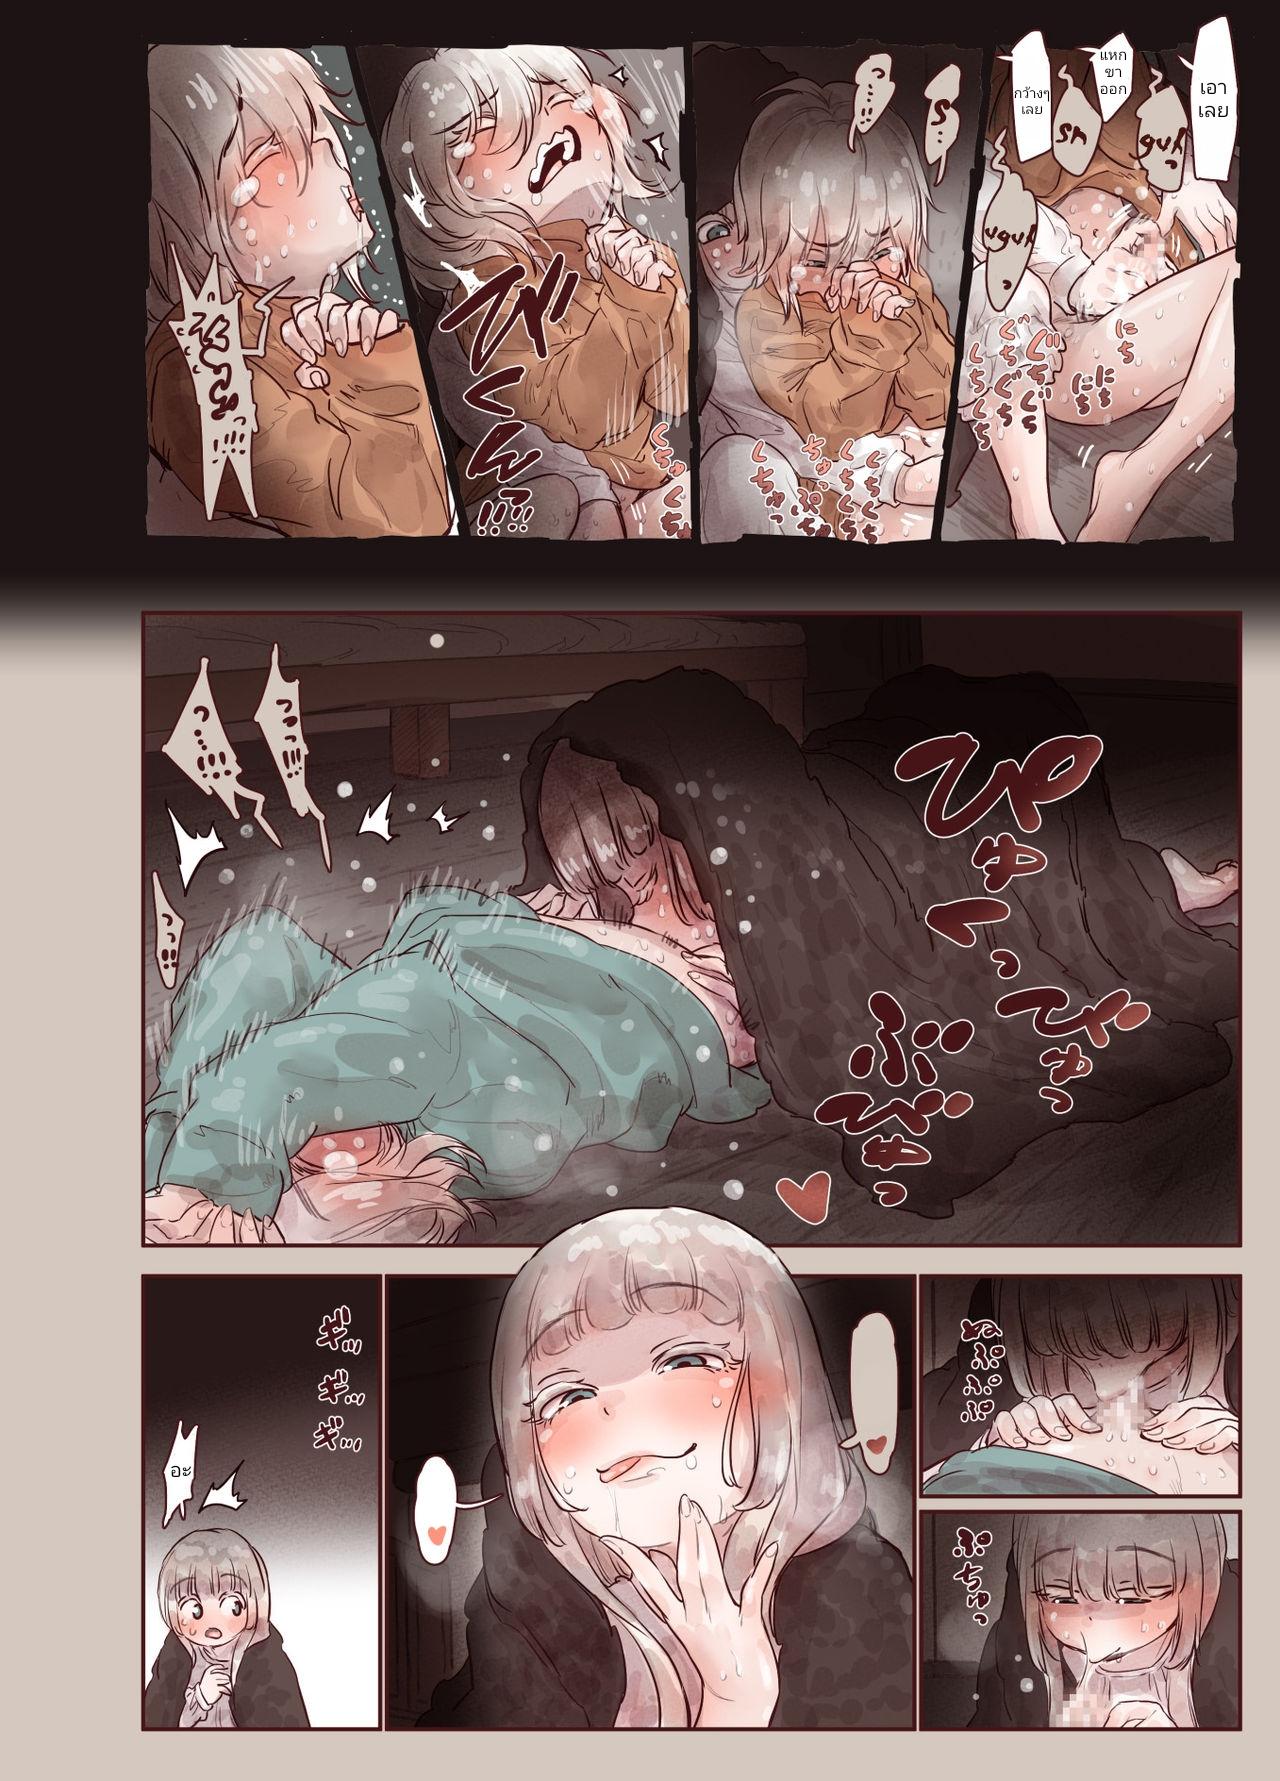 บาปและความลับ ภาพ 14